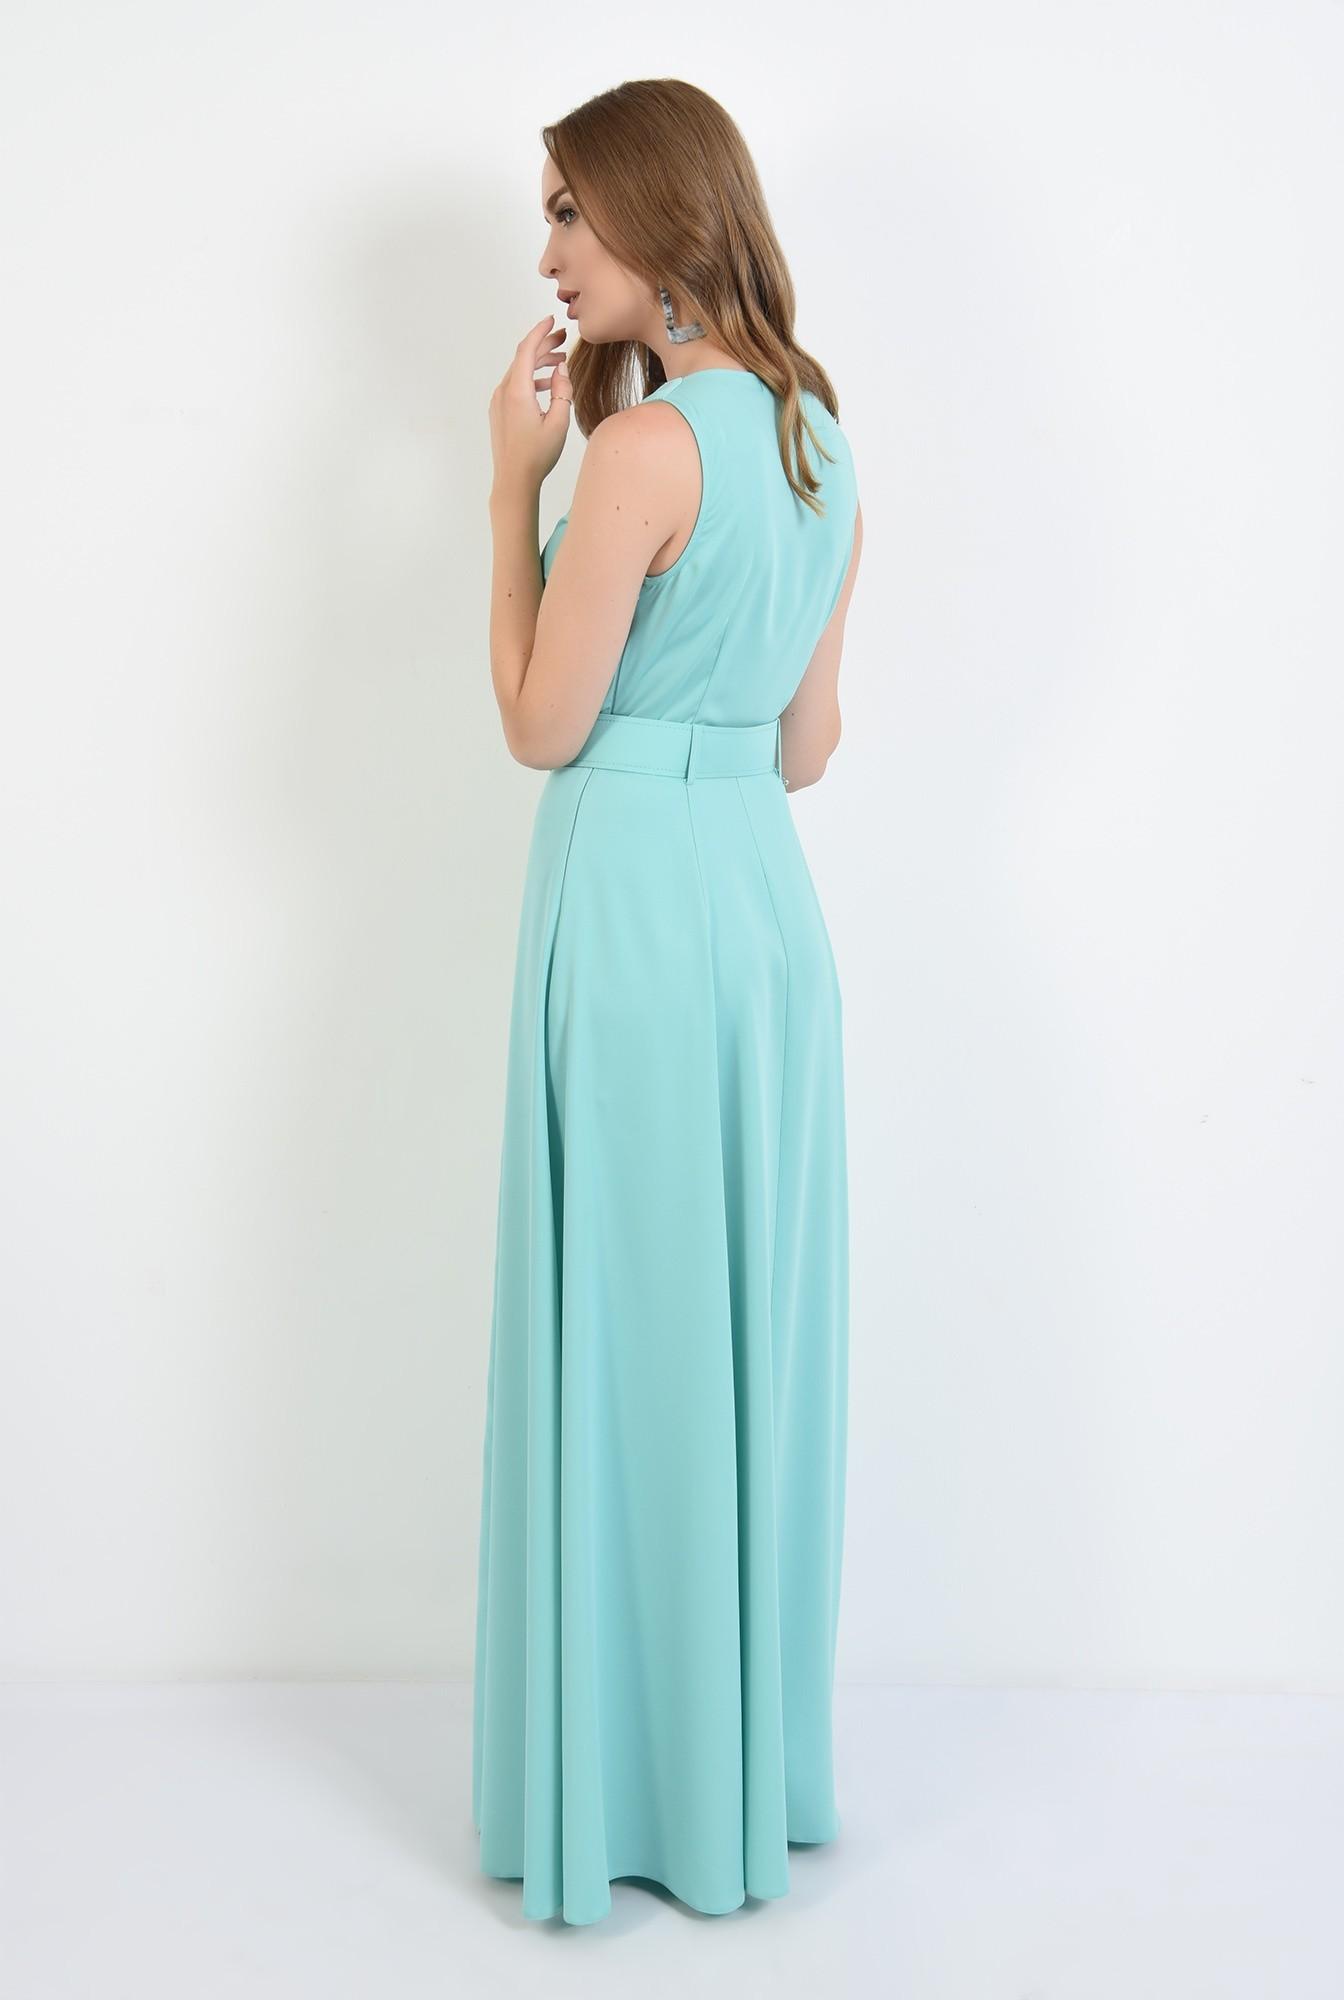 1 - 360 - rochie poema,lunga, eleganta, cu centura